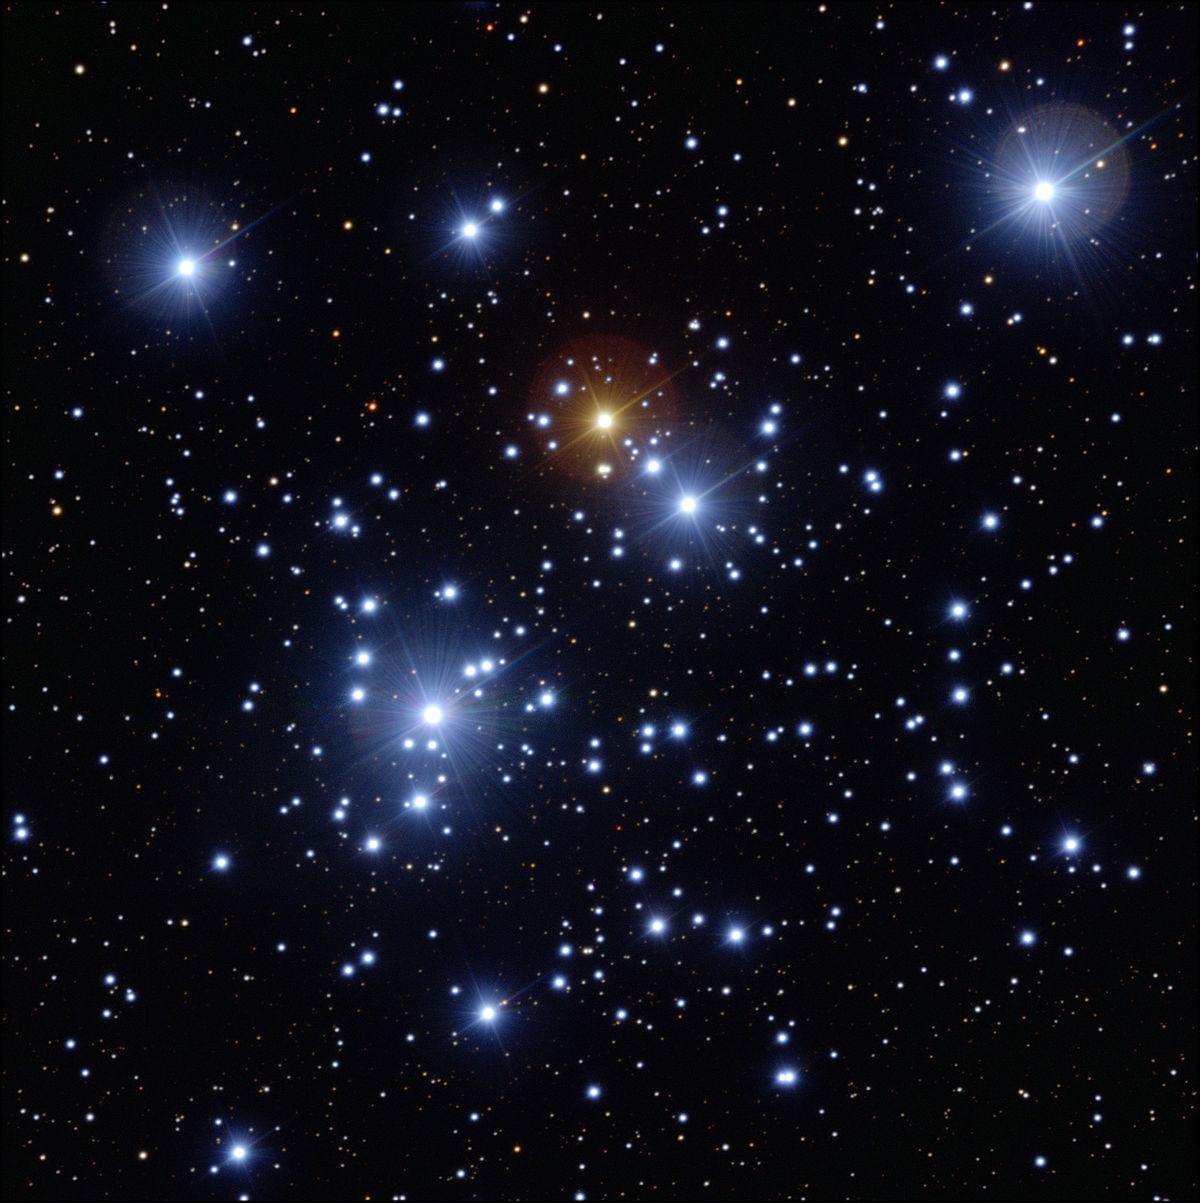 Звездное скопление NGC 4755